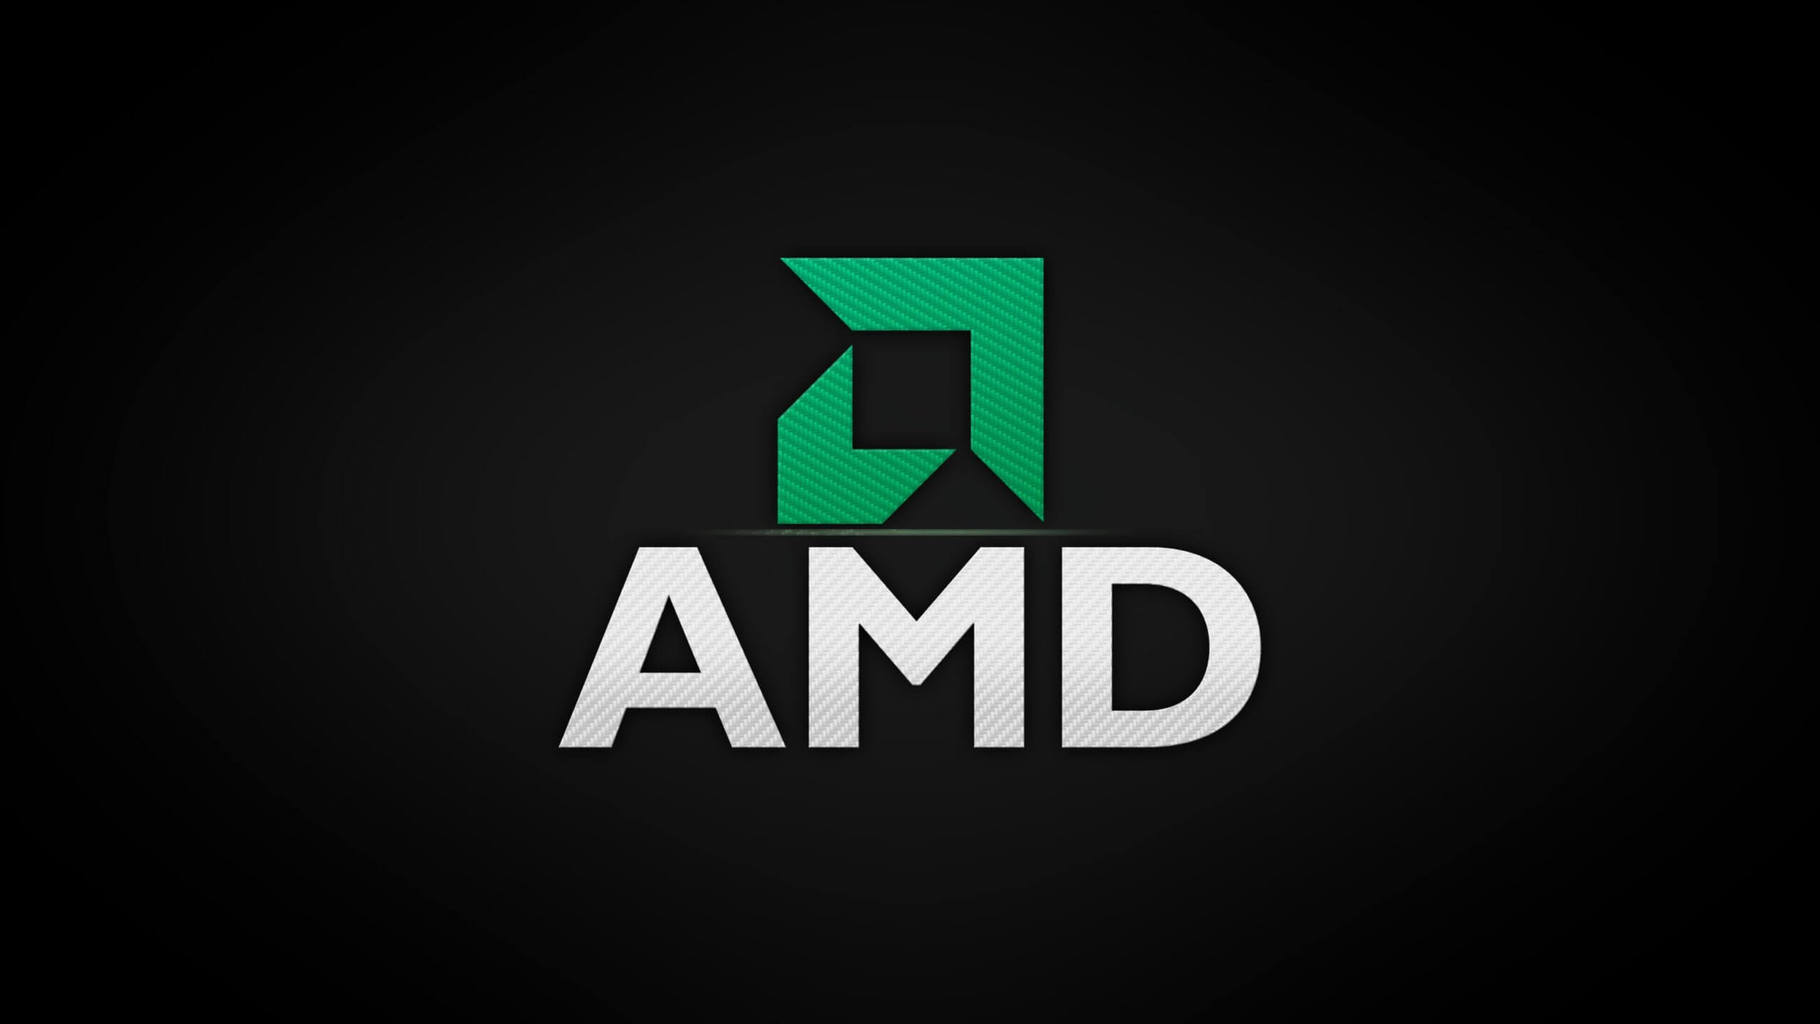 AMD Stock Logo Large